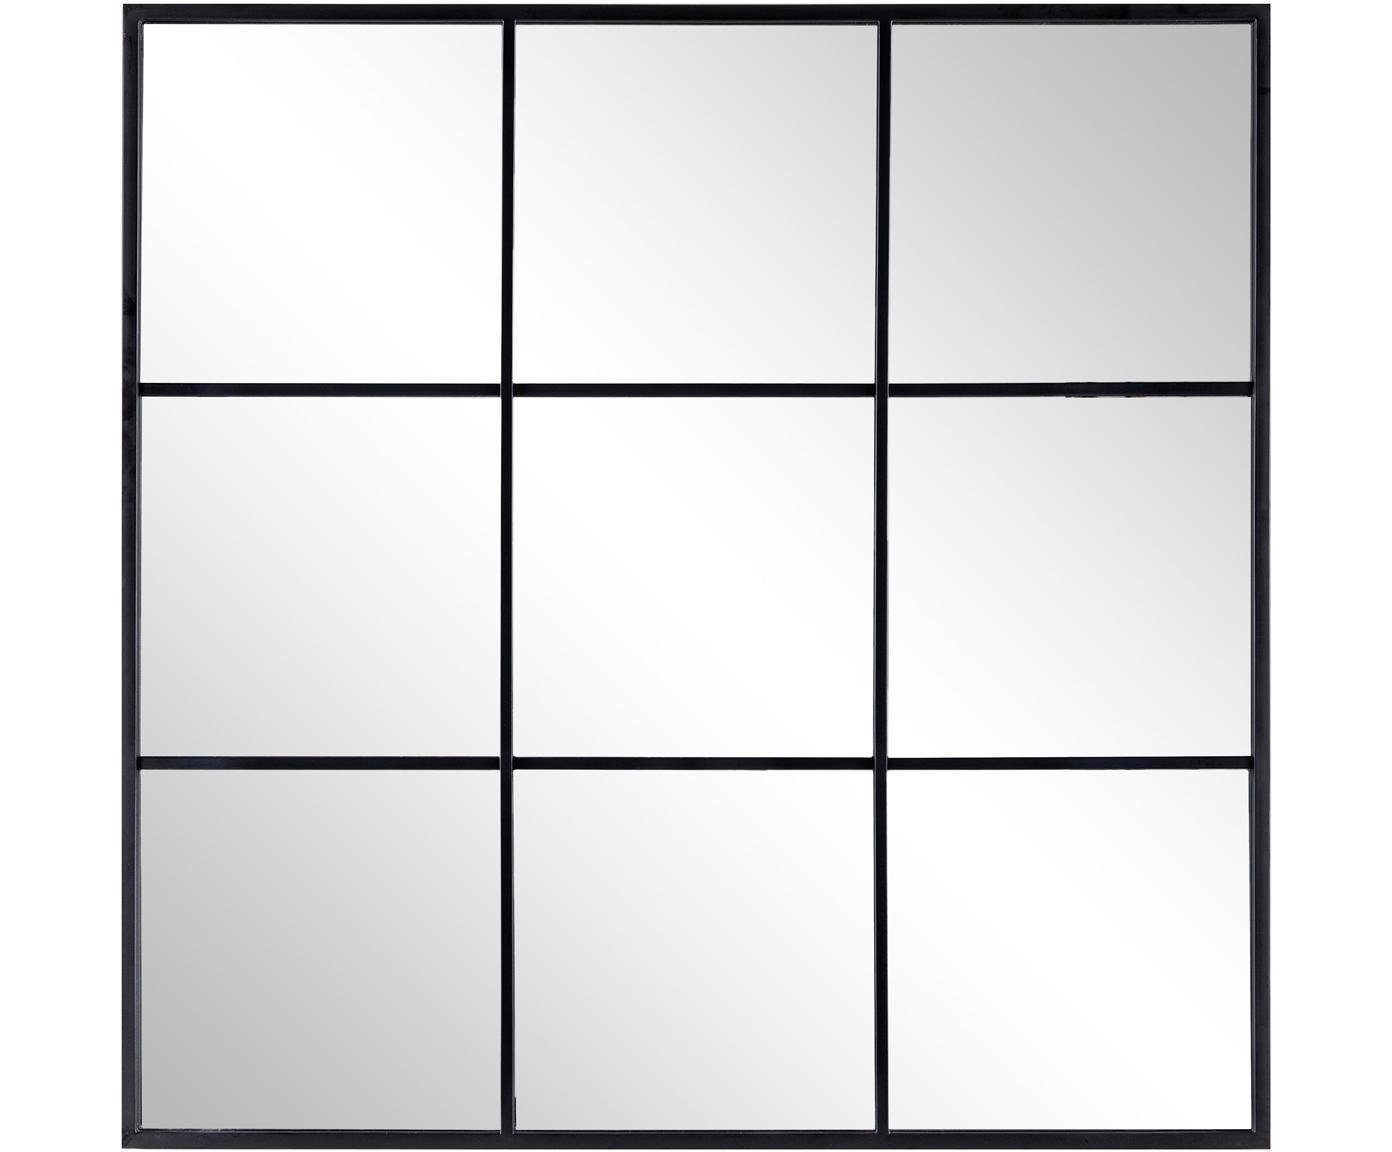 Specchio da parete con cornice in metallo Nucleos, Cornice: metallo rivestito, Superficie dello specchio: lastra di vetro, Nero, Larg. 90 x Alt. 90 cm